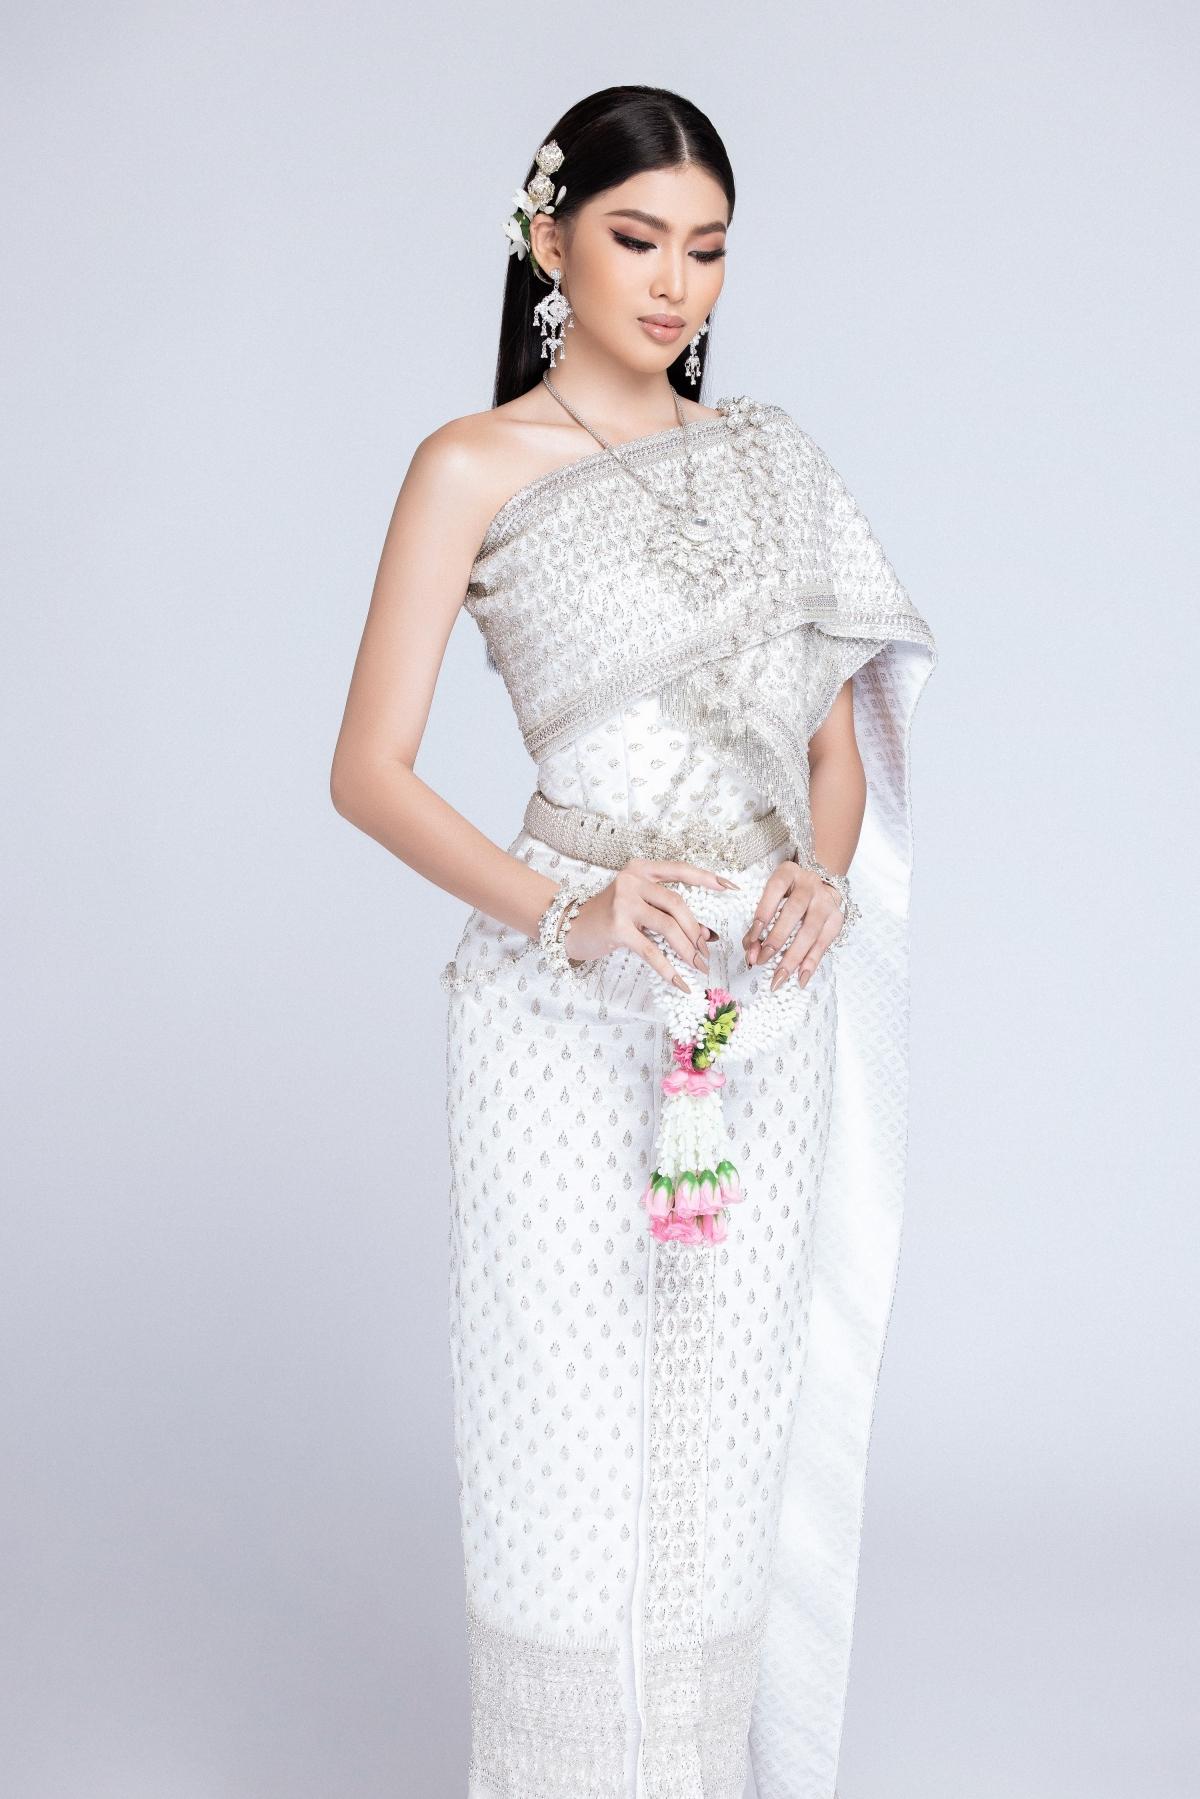 Ngoài ra, bộ trang phục ánh bạc cũng làm nổi bật sắc vóc và vẻ đẹp đầy kiêu sa của nàng Á hậu. Bộ ảnh cũng thay là món quà thay cho lời cảm ơn của người đẹp đến với những khán giả đã luôn ủng hộ trong suốt thời gian qua, đặc biệt là ở việc kêu gọi bình chọn cho cô nàng.